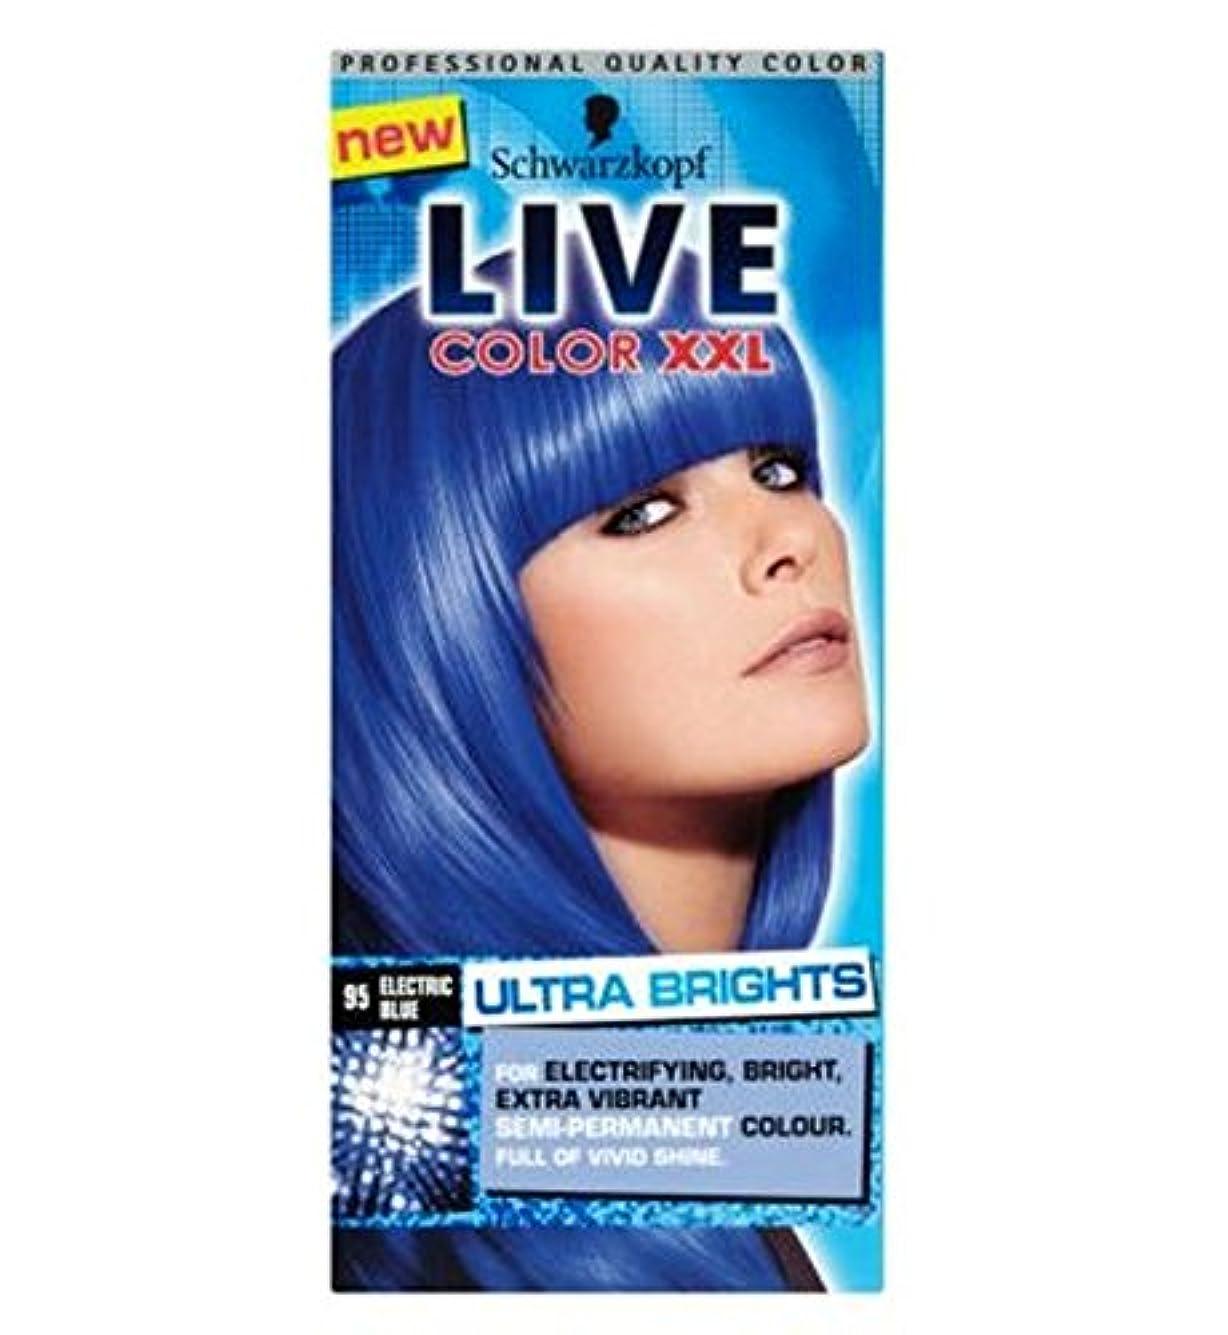 地中海プレビュー高音Schwarzkopf LIVE Color XXL Ultra Brights 95 Electric Blue Semi-Permanent Blue Hair Dye - シュワルツコフライブカラーXxl超輝95エレクトリックブルー...